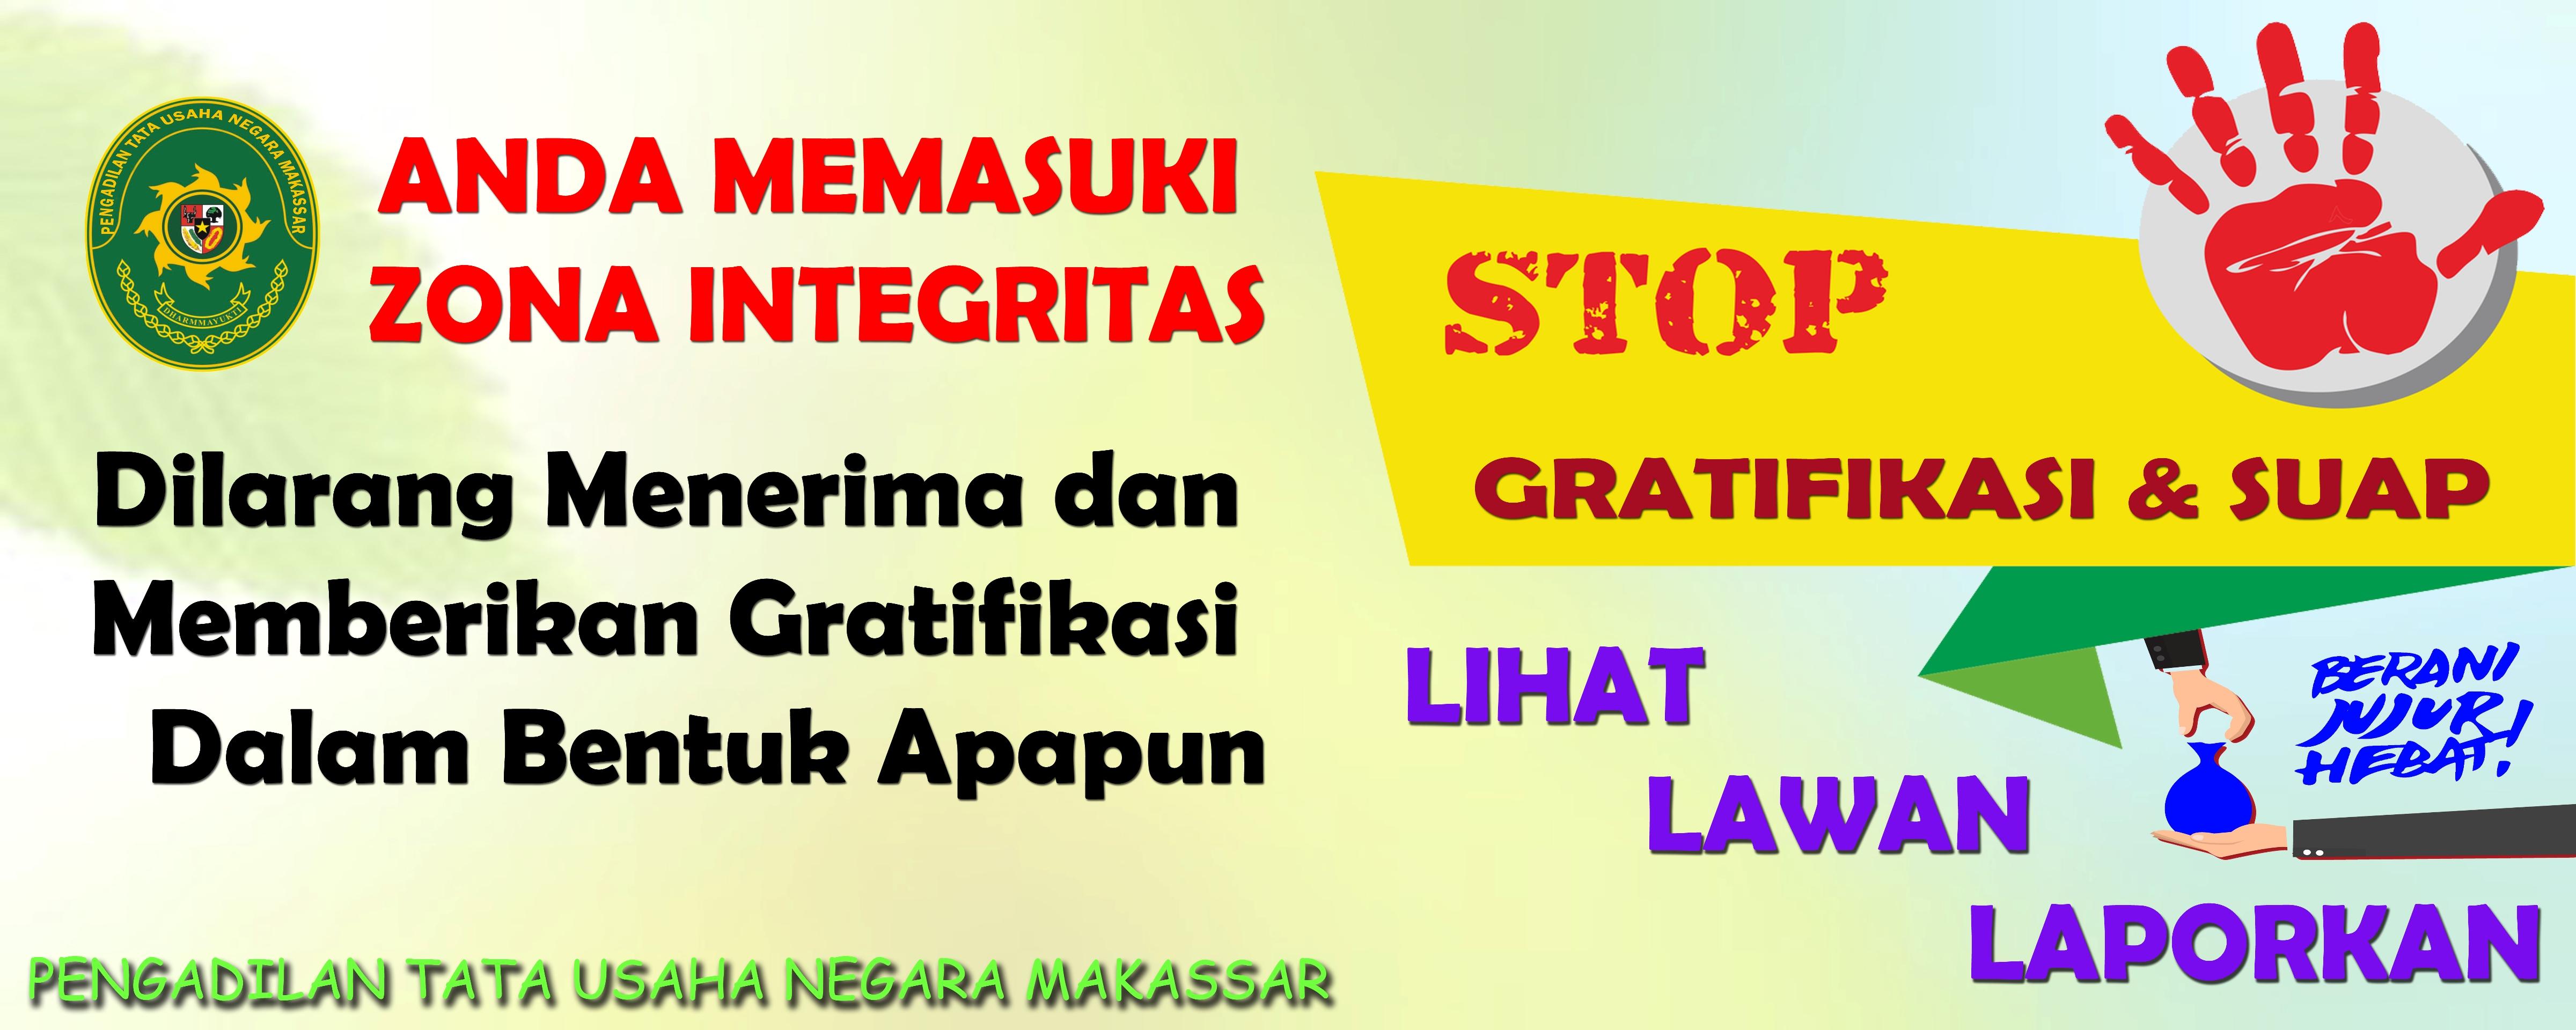 Zona Integritas Pengadilan Tata Usaha Negara Makassar